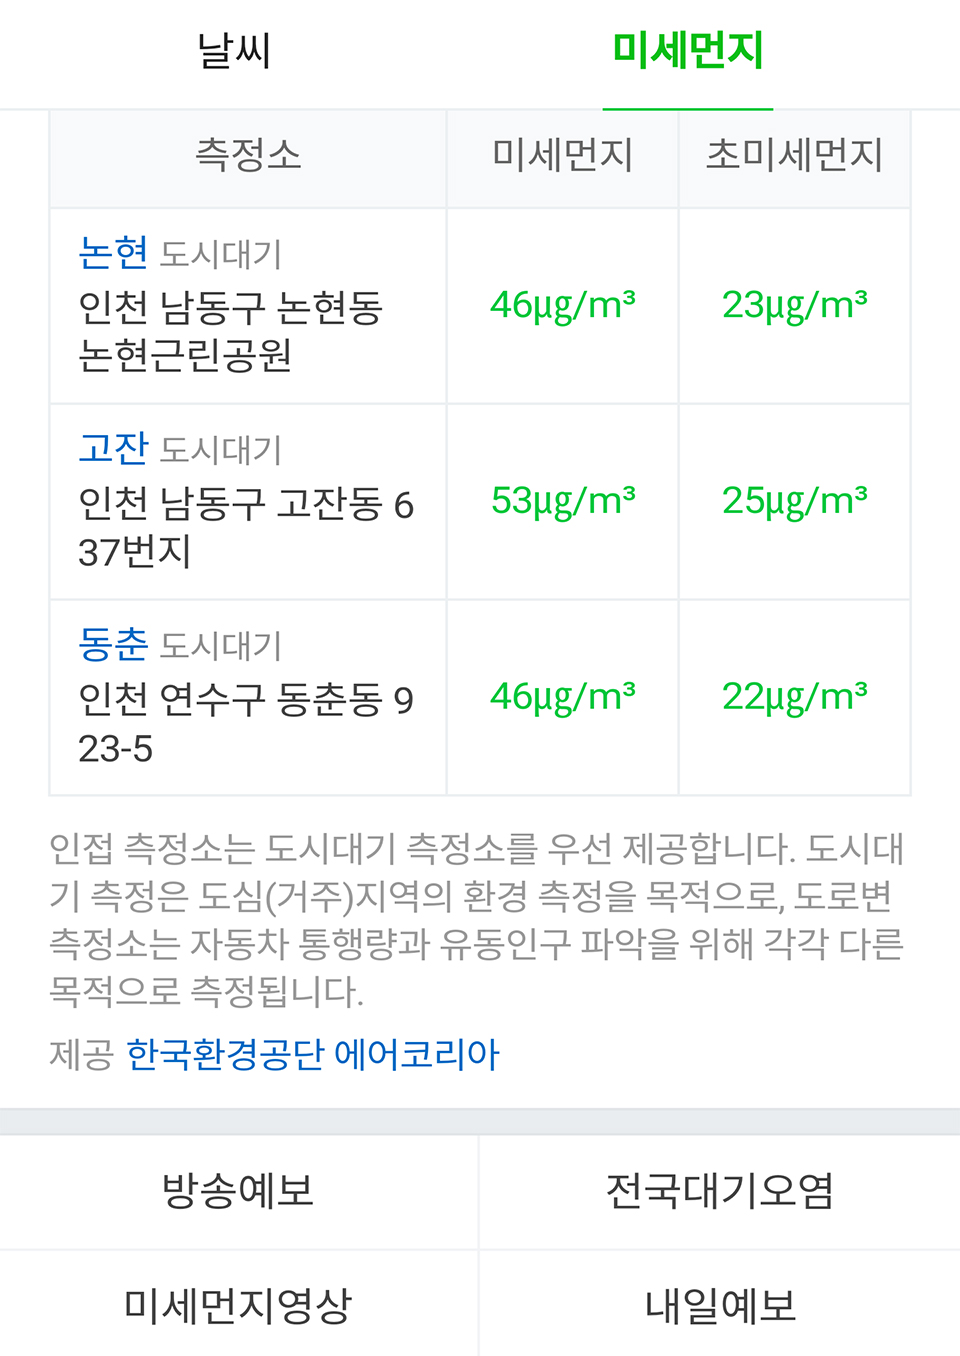 한국환경공단-에어코리아-대기현황